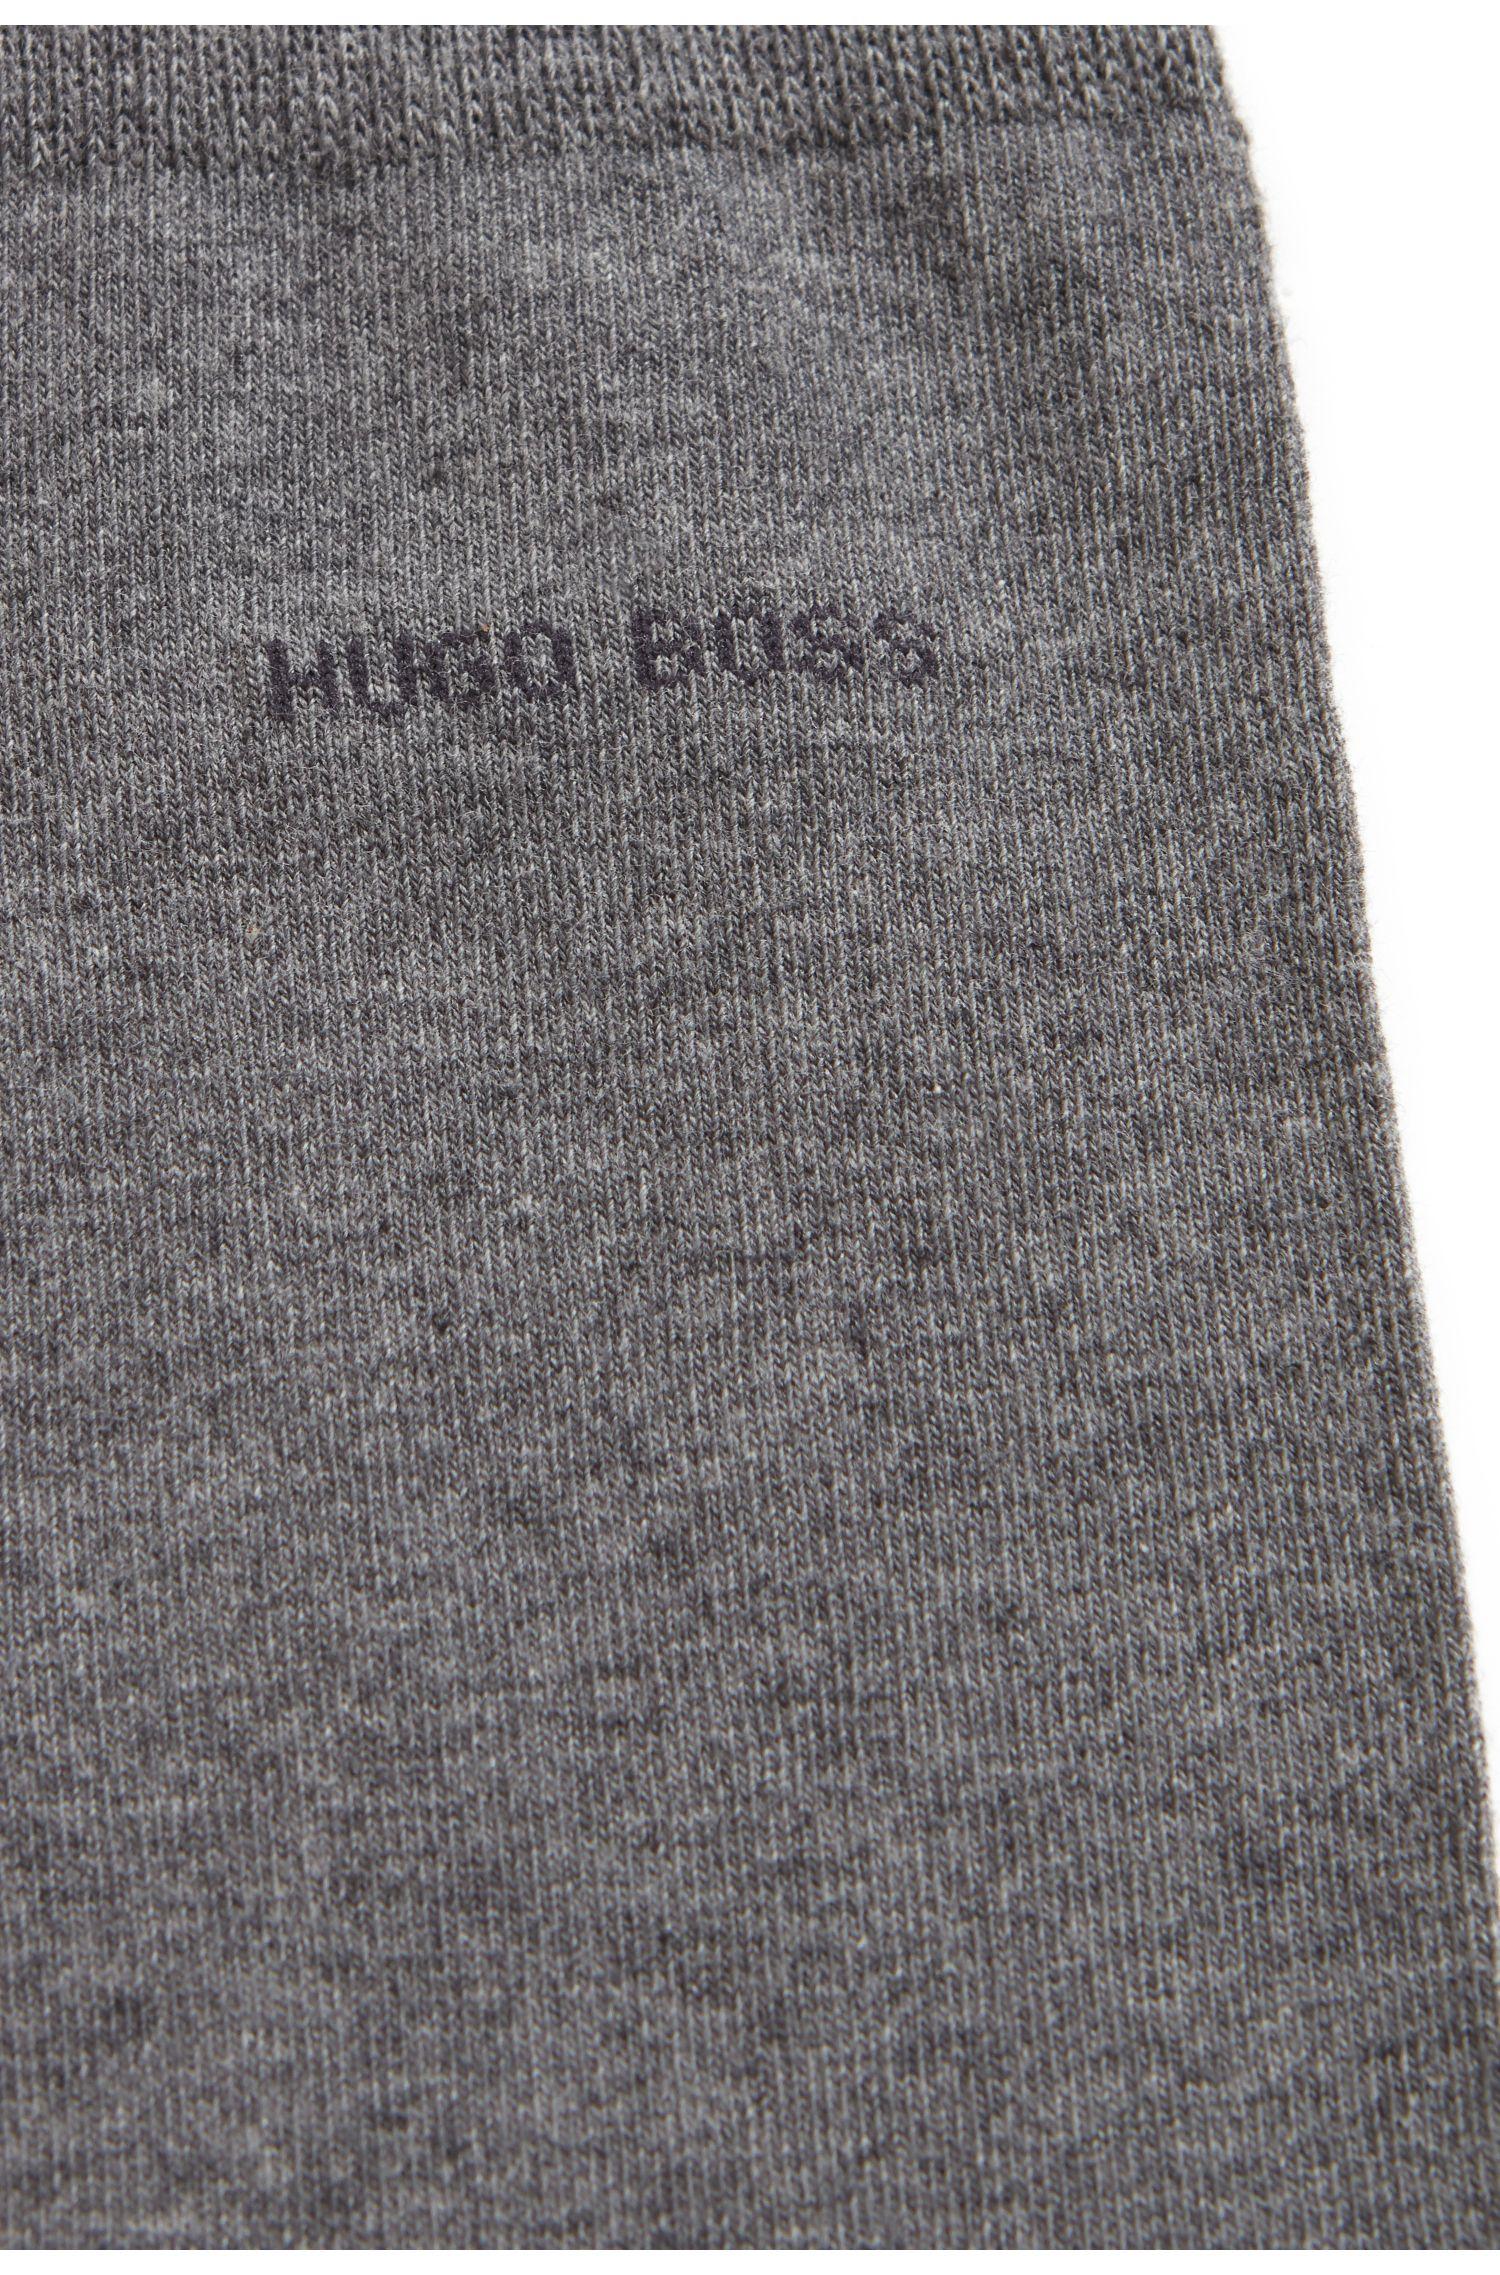 Mittelhohe Socken aus gekämmter Stretch-Baumwolle, Grau